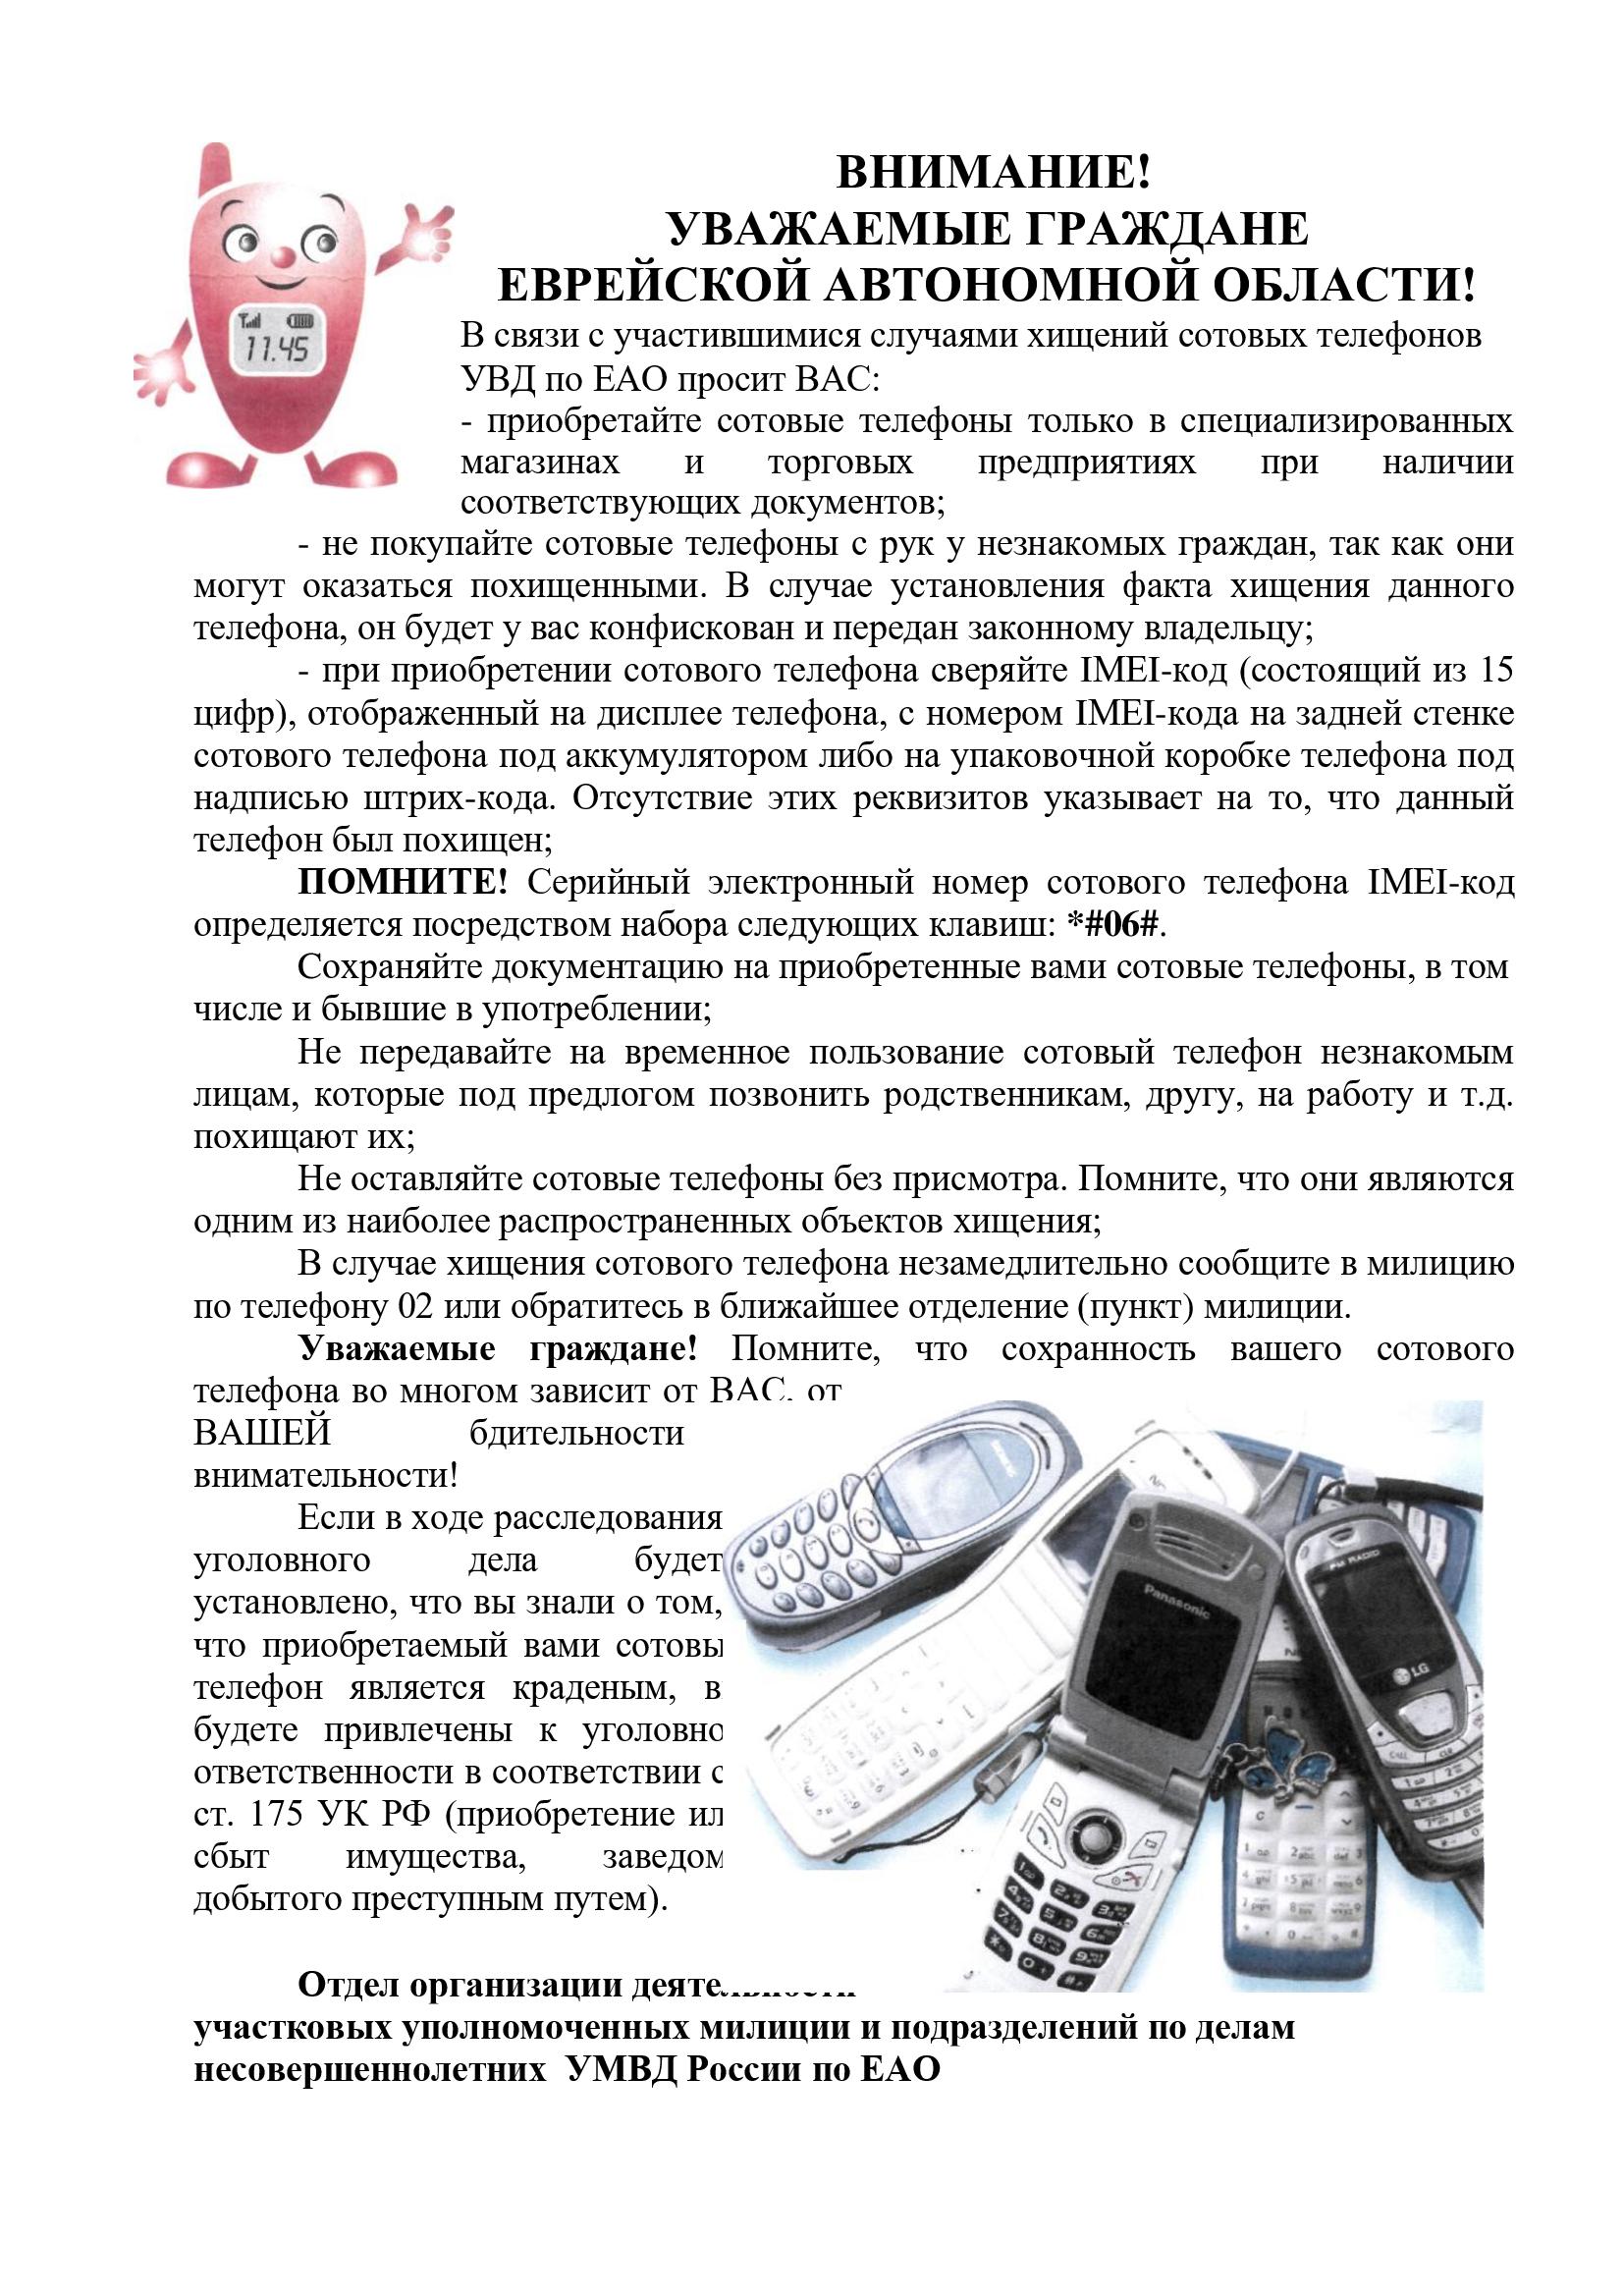 Обращение-к-гражданам-по-сотовым-телефонам